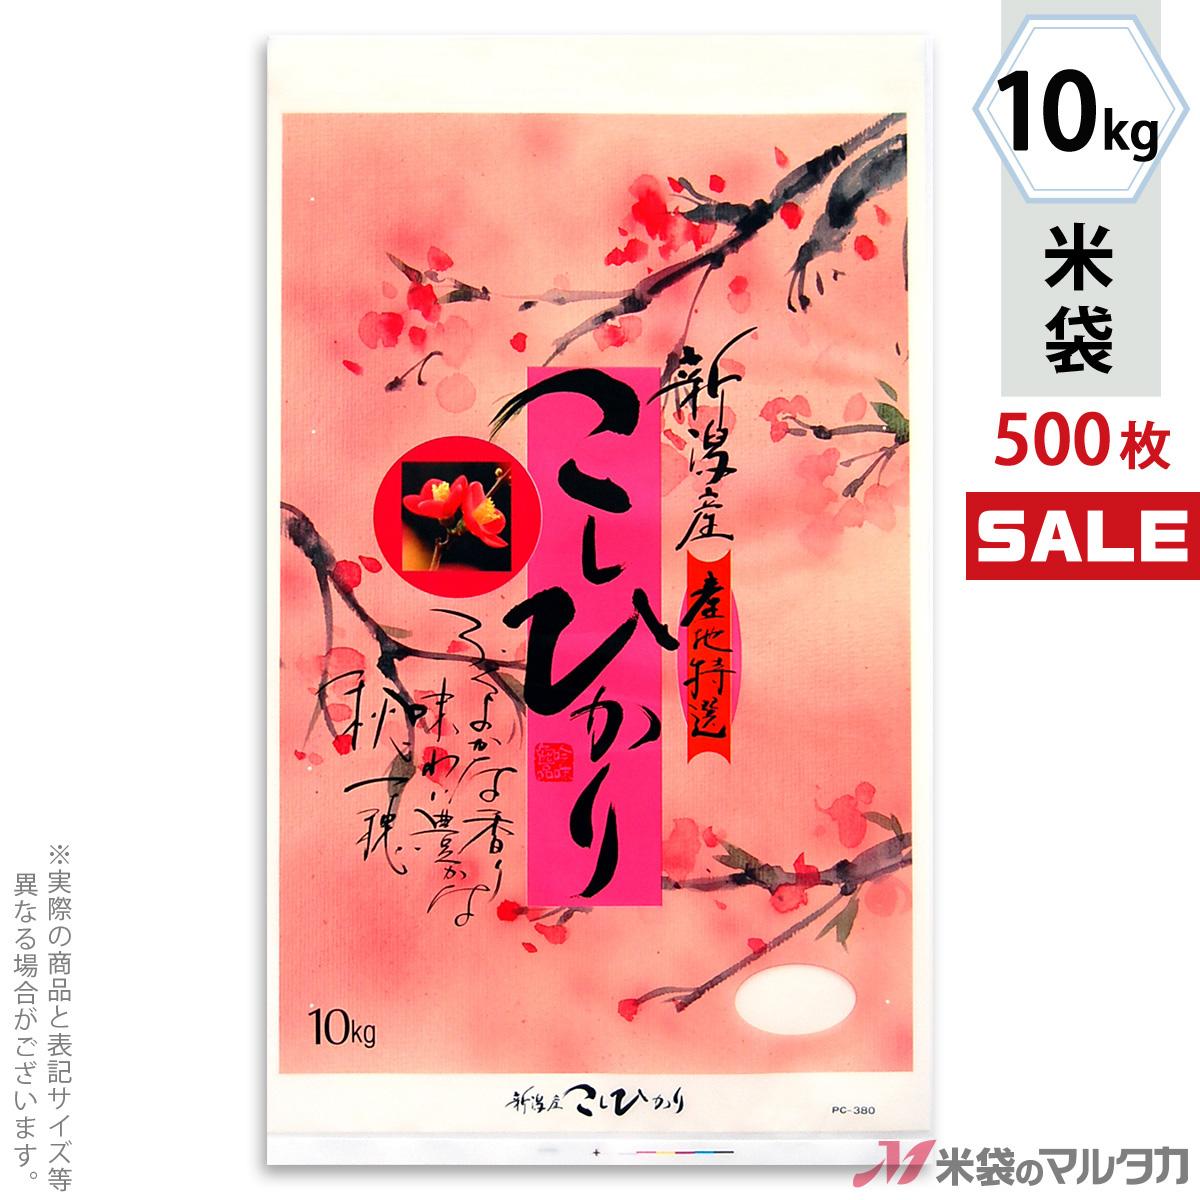 <キャンペーン対応>米袋 ポリコート 新潟産こしひかり 梅二輪 10kg 1ケース(500枚入) PC-0380